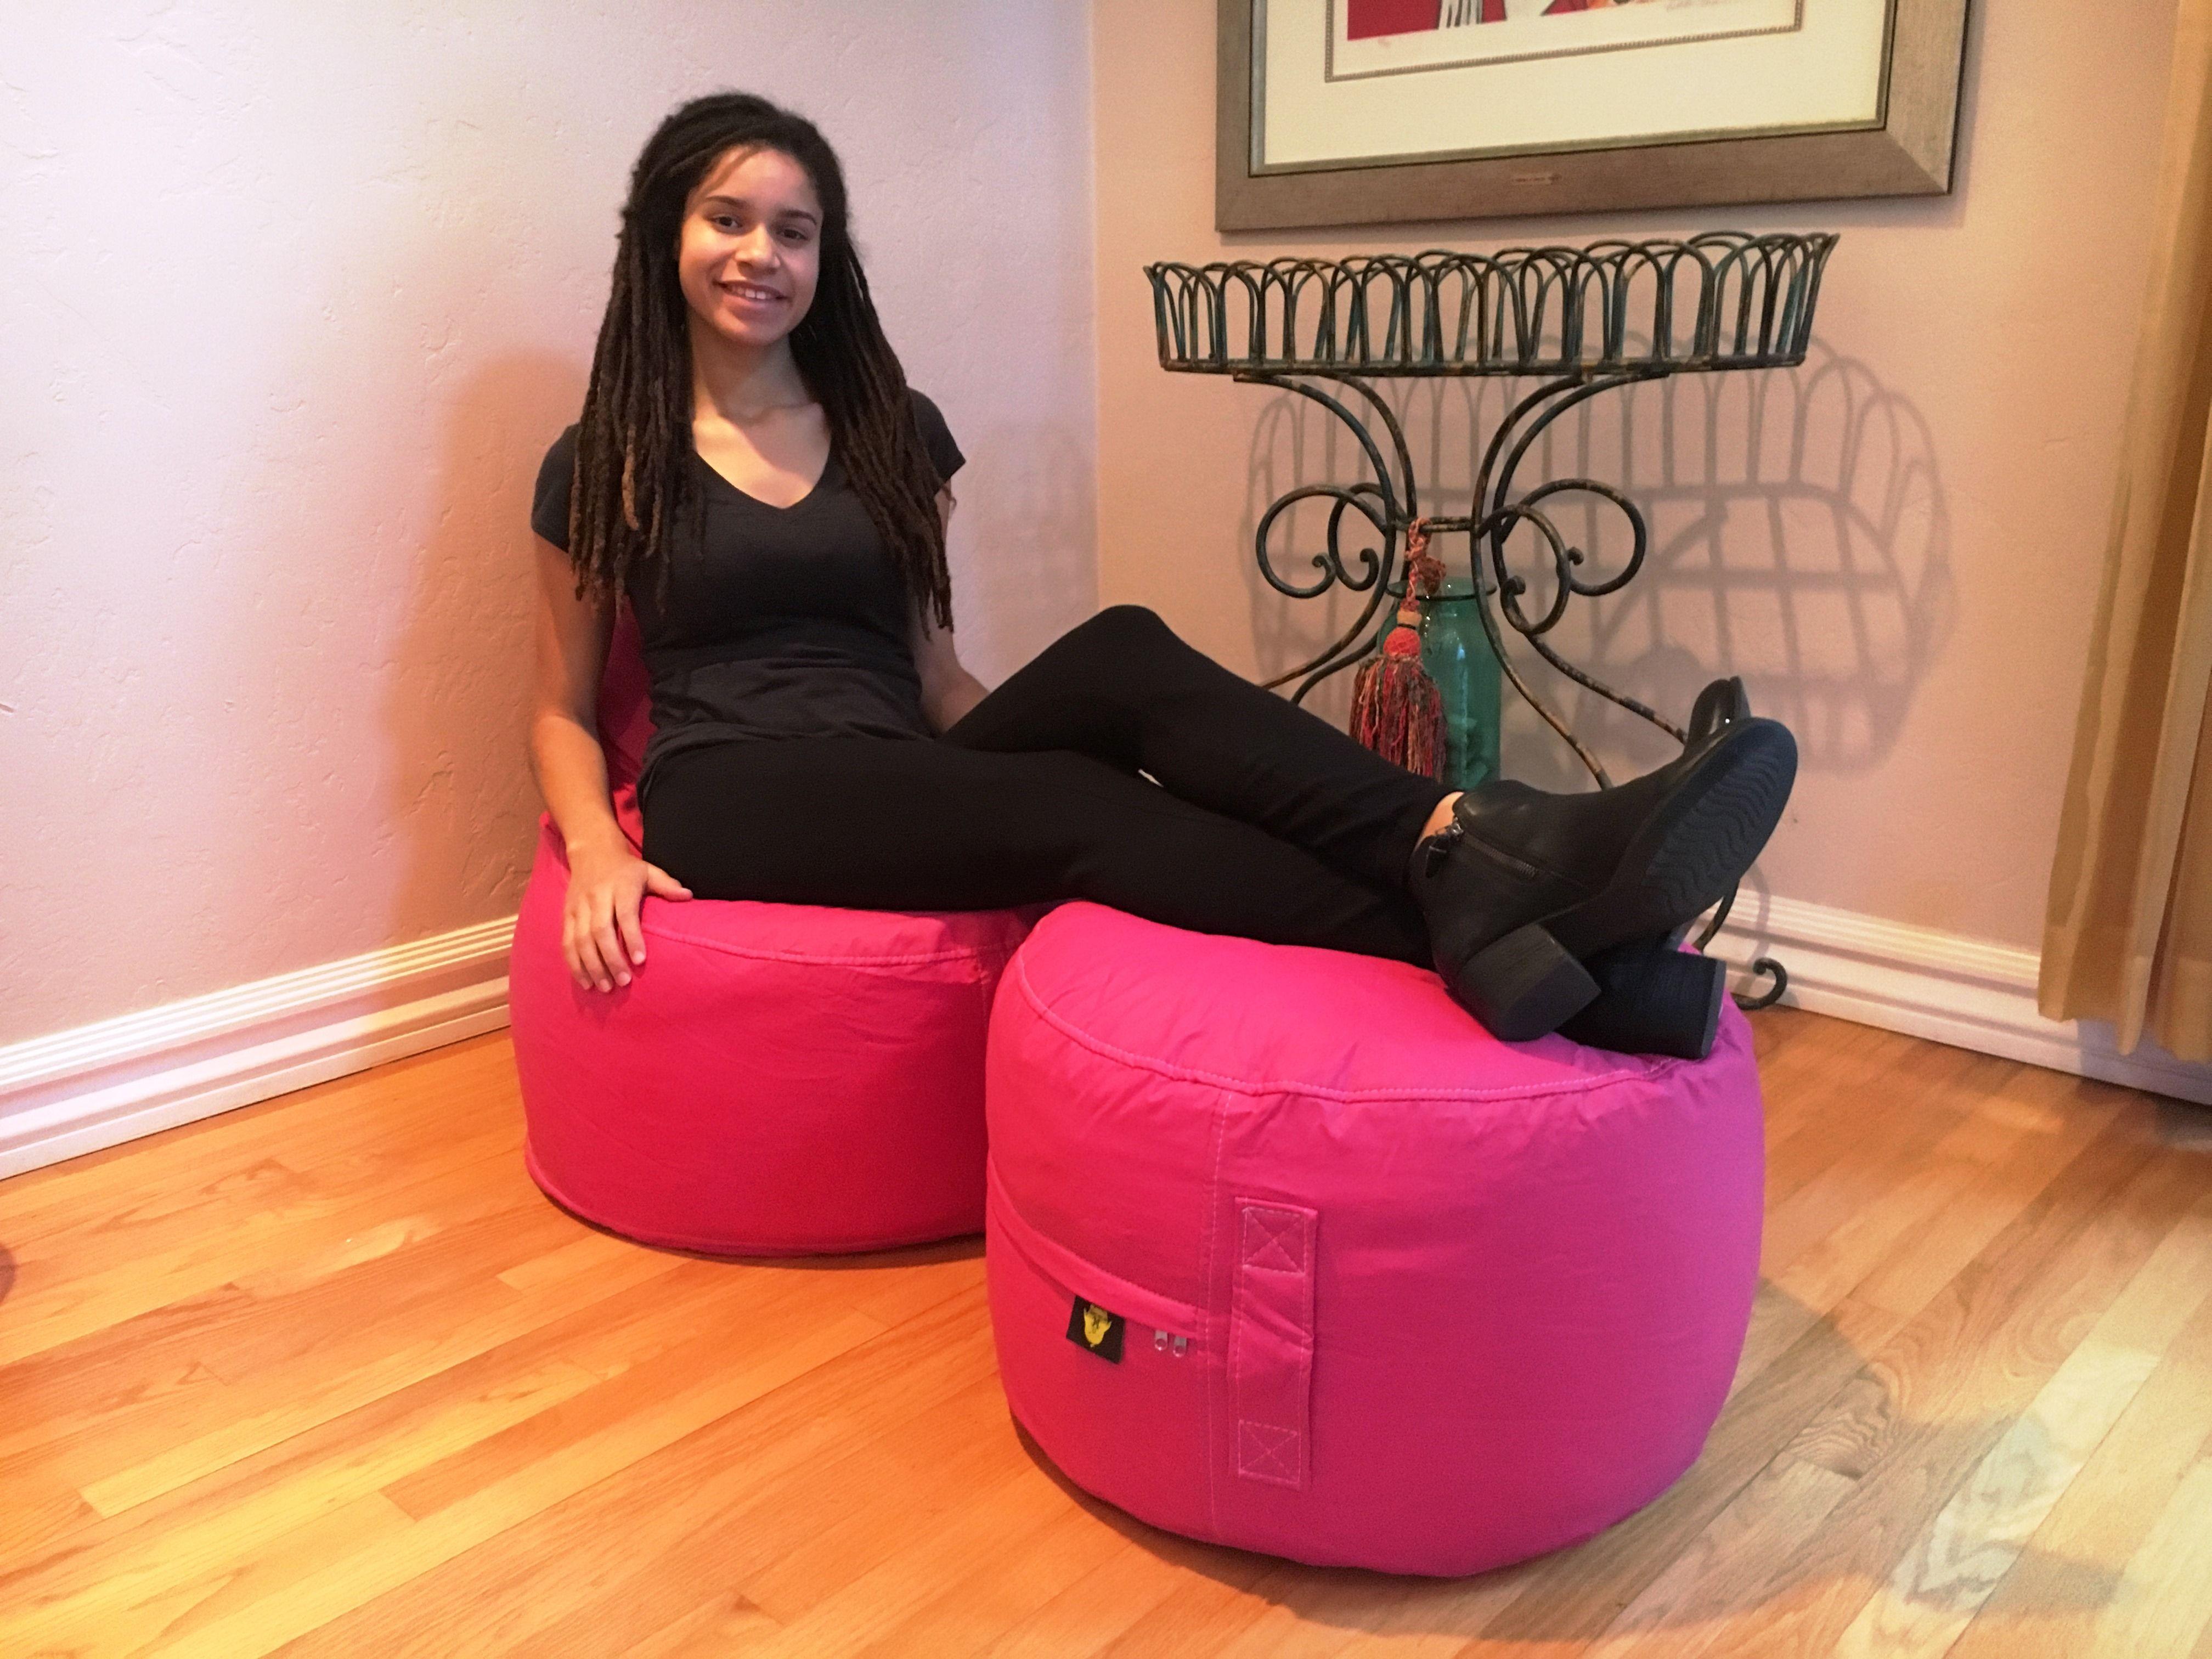 Astonishing Kids Bean Bag Chair Hip Chik Tech Leather Bean Bag Chairs Frankydiablos Diy Chair Ideas Frankydiabloscom